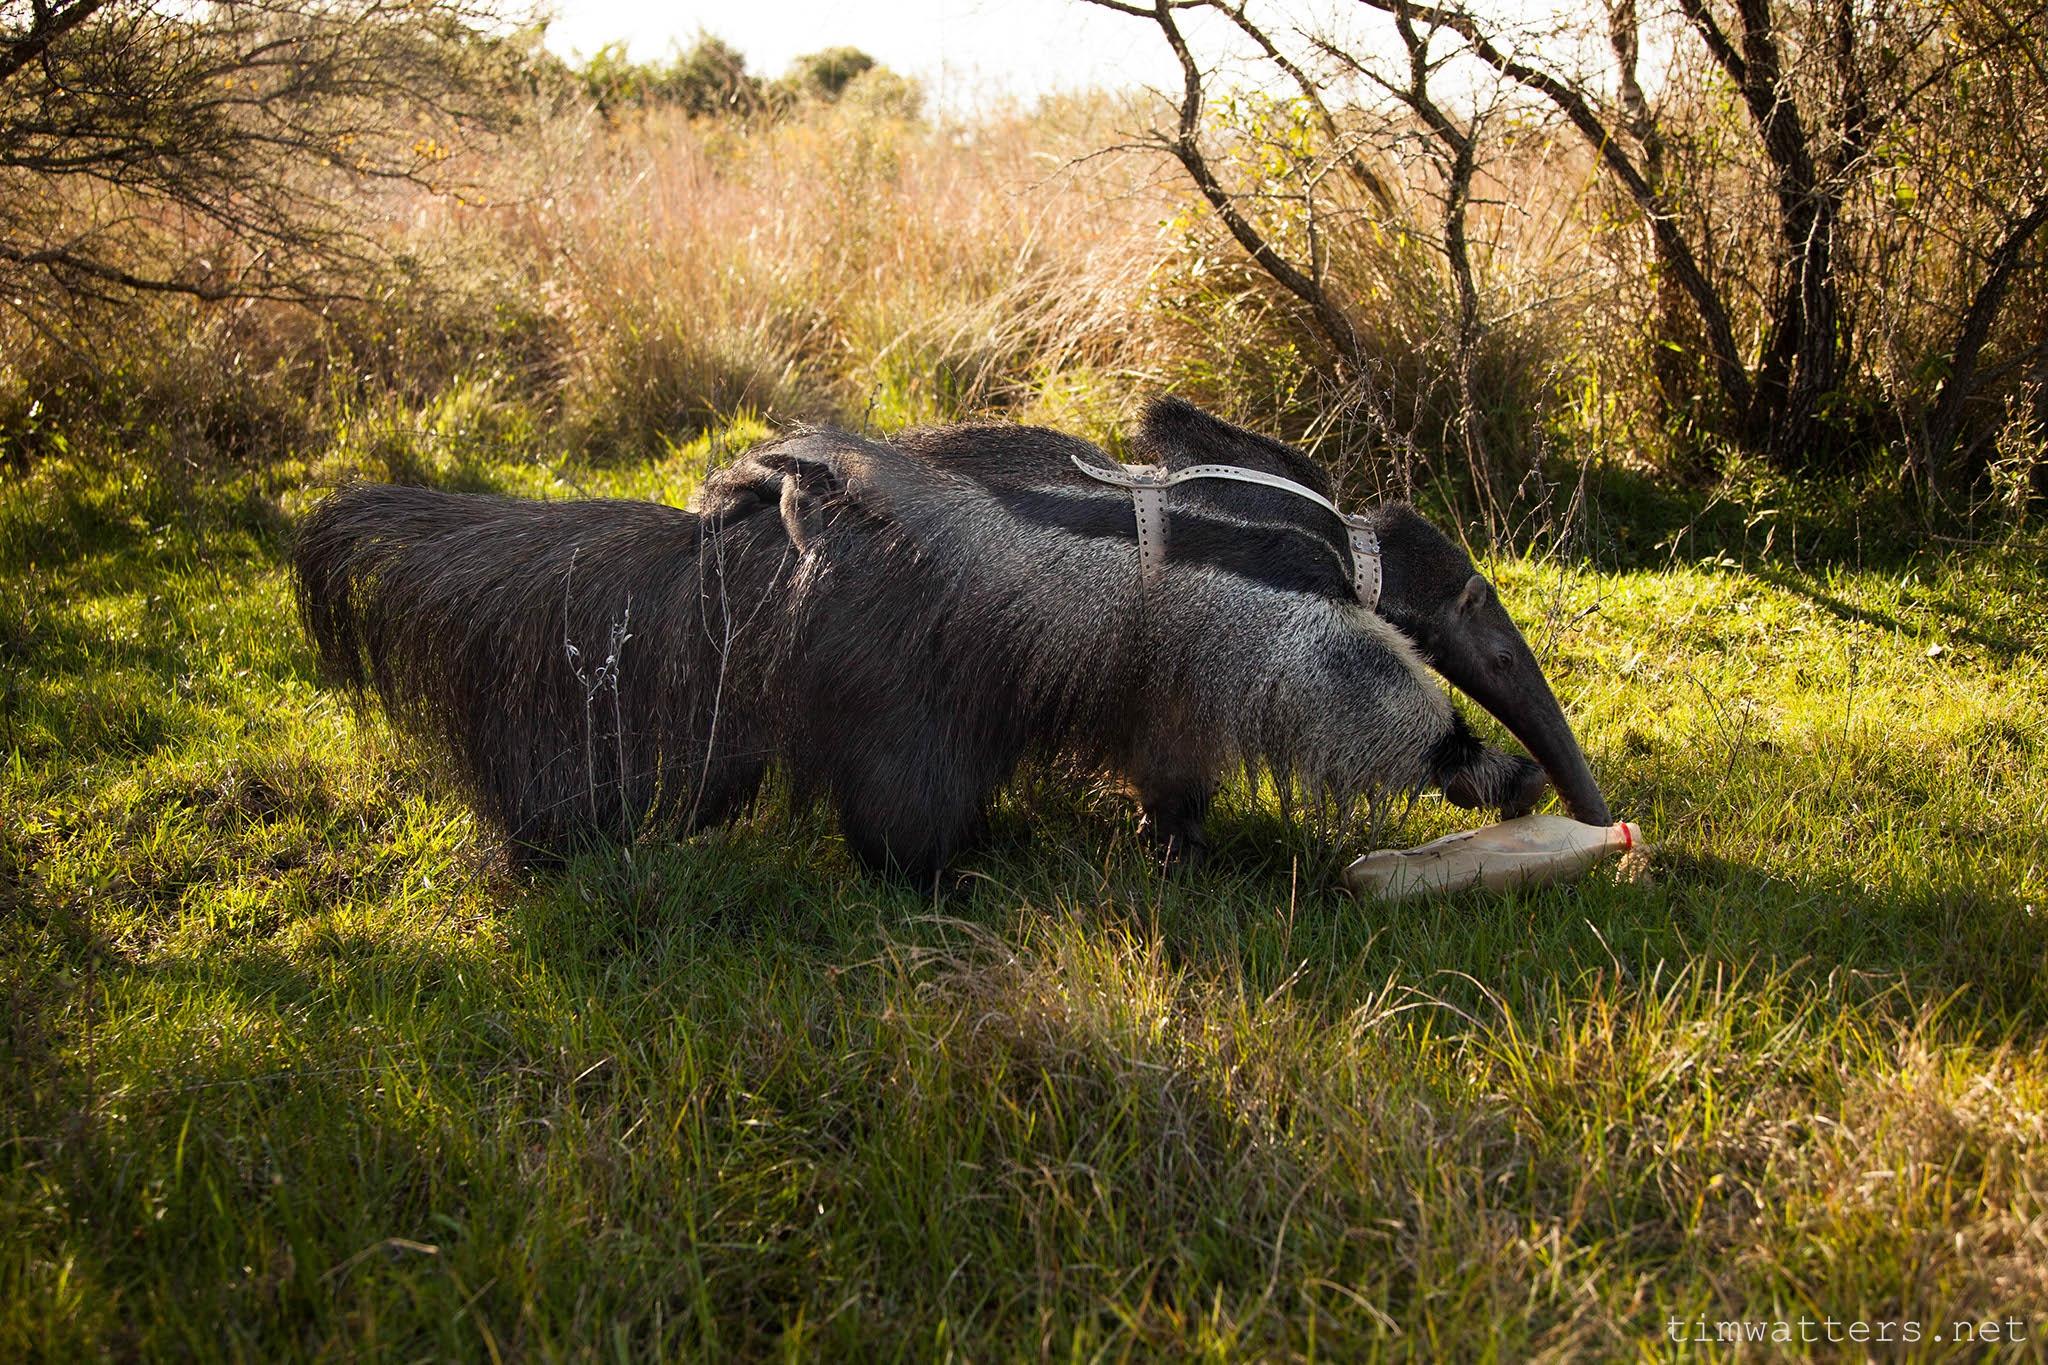 012-TimWatters-Ibera-Wildlife.jpg